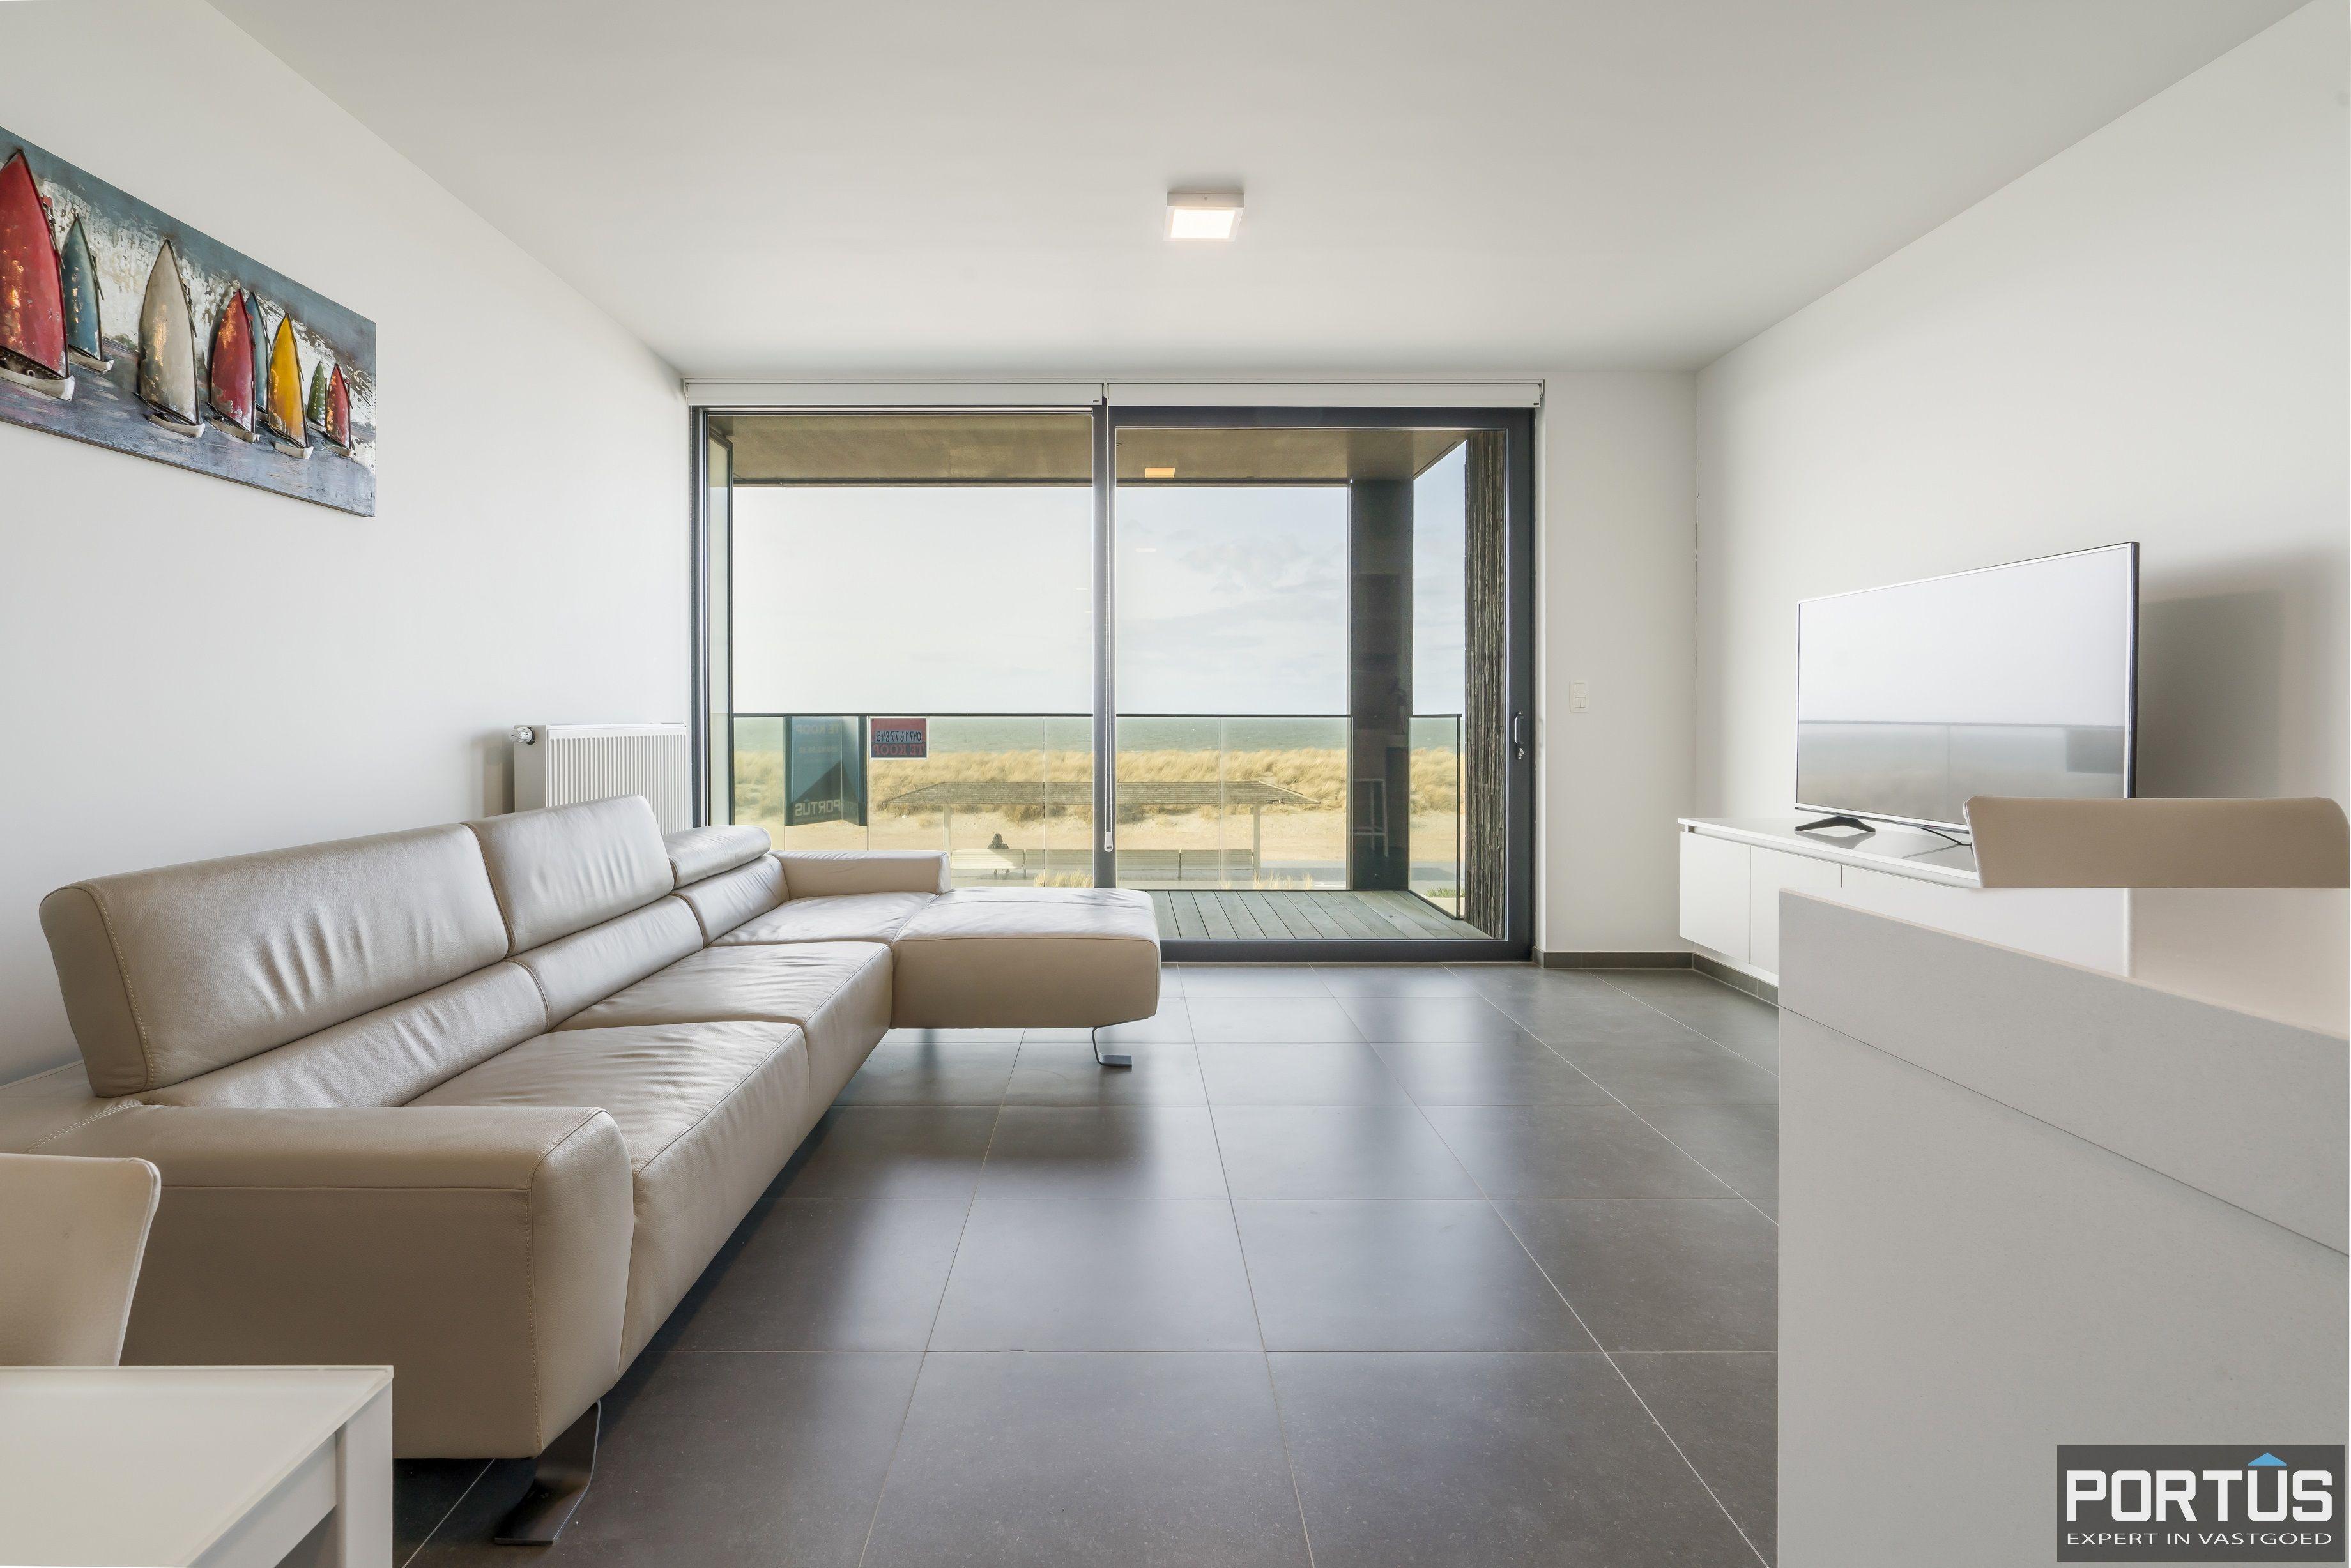 Recent appartement te koop te Nieuwpoort met frontaal zeezicht - 12379